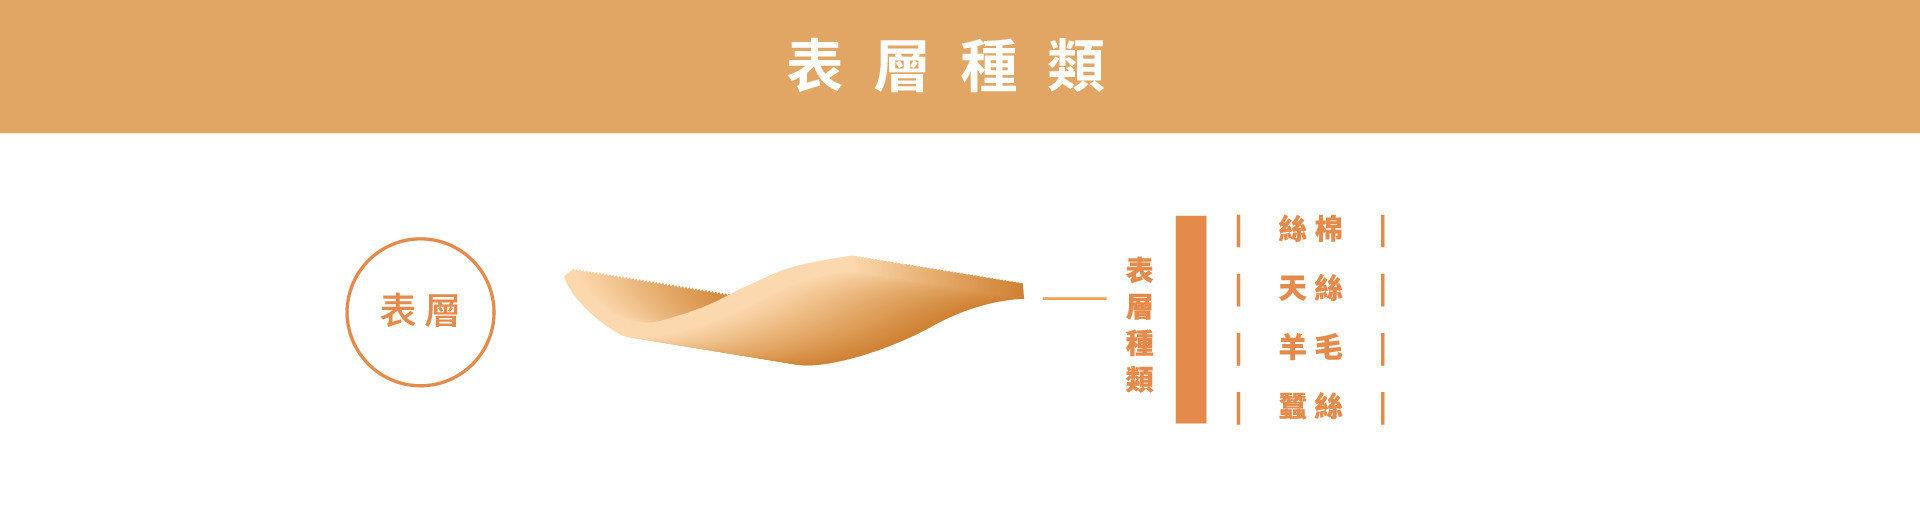 明久床墊表層種類可分為:絲棉、 天絲、 羊毛、 蠶絲